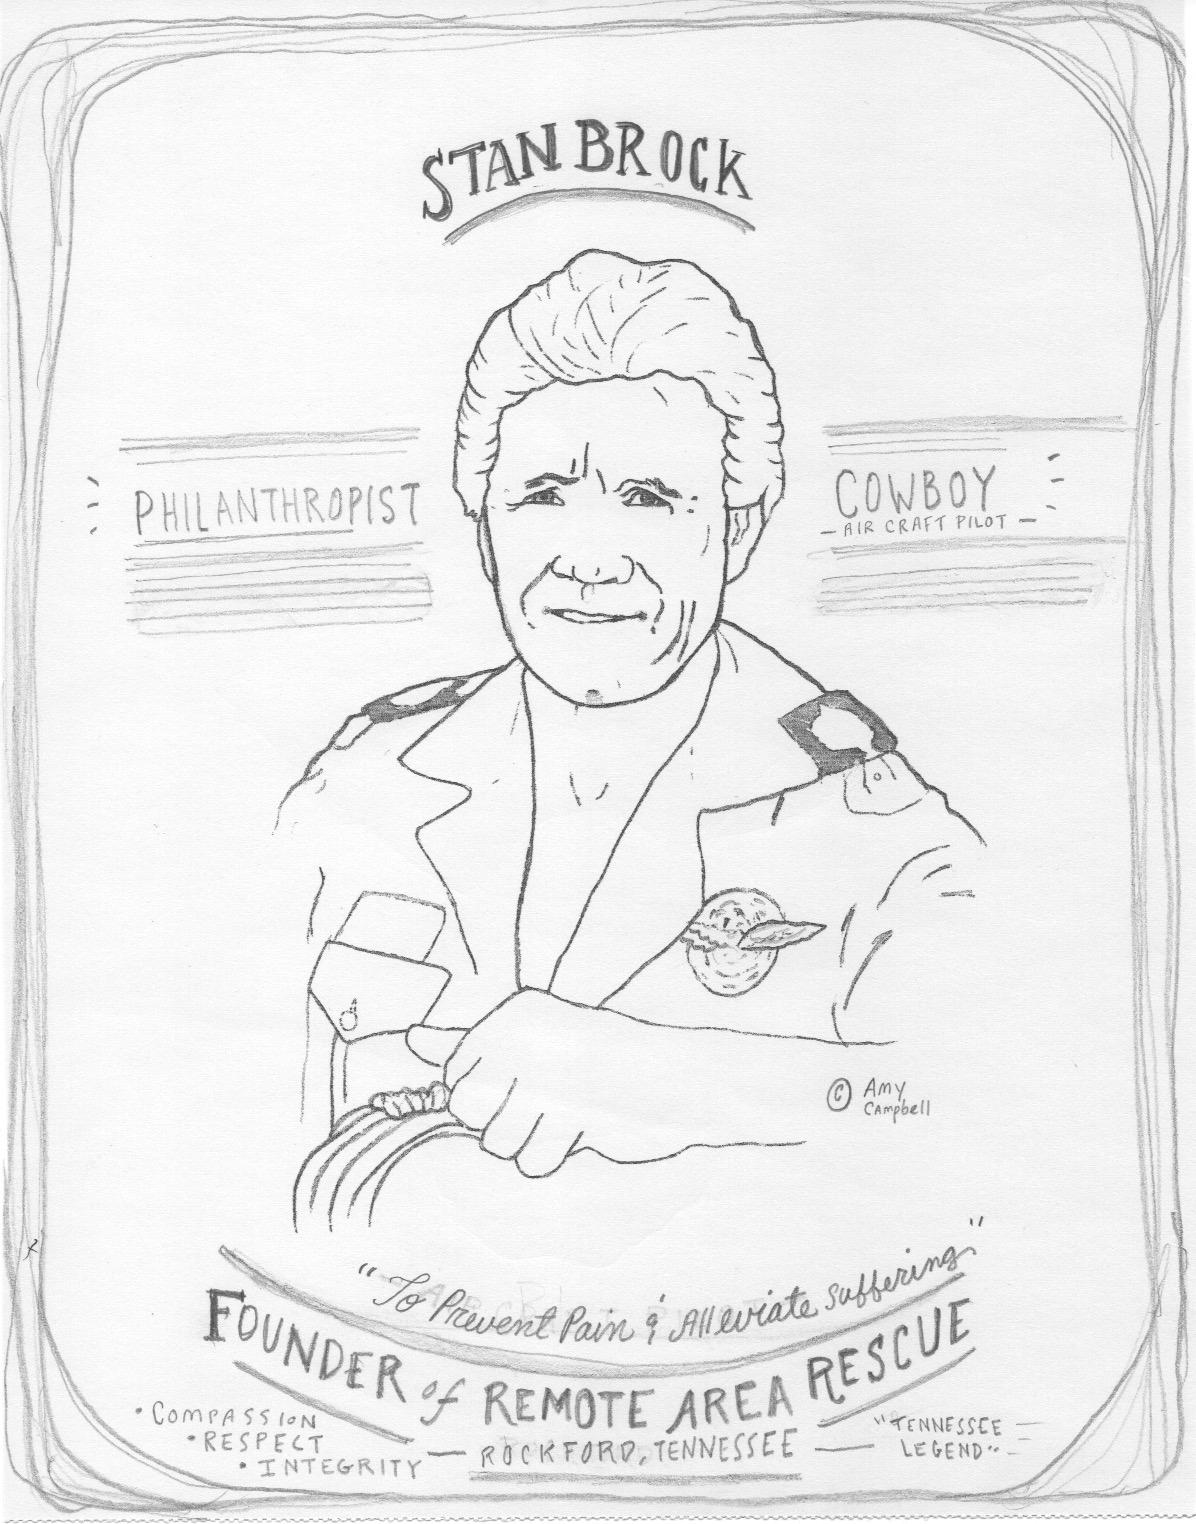 Stan Brock drawing.jpg